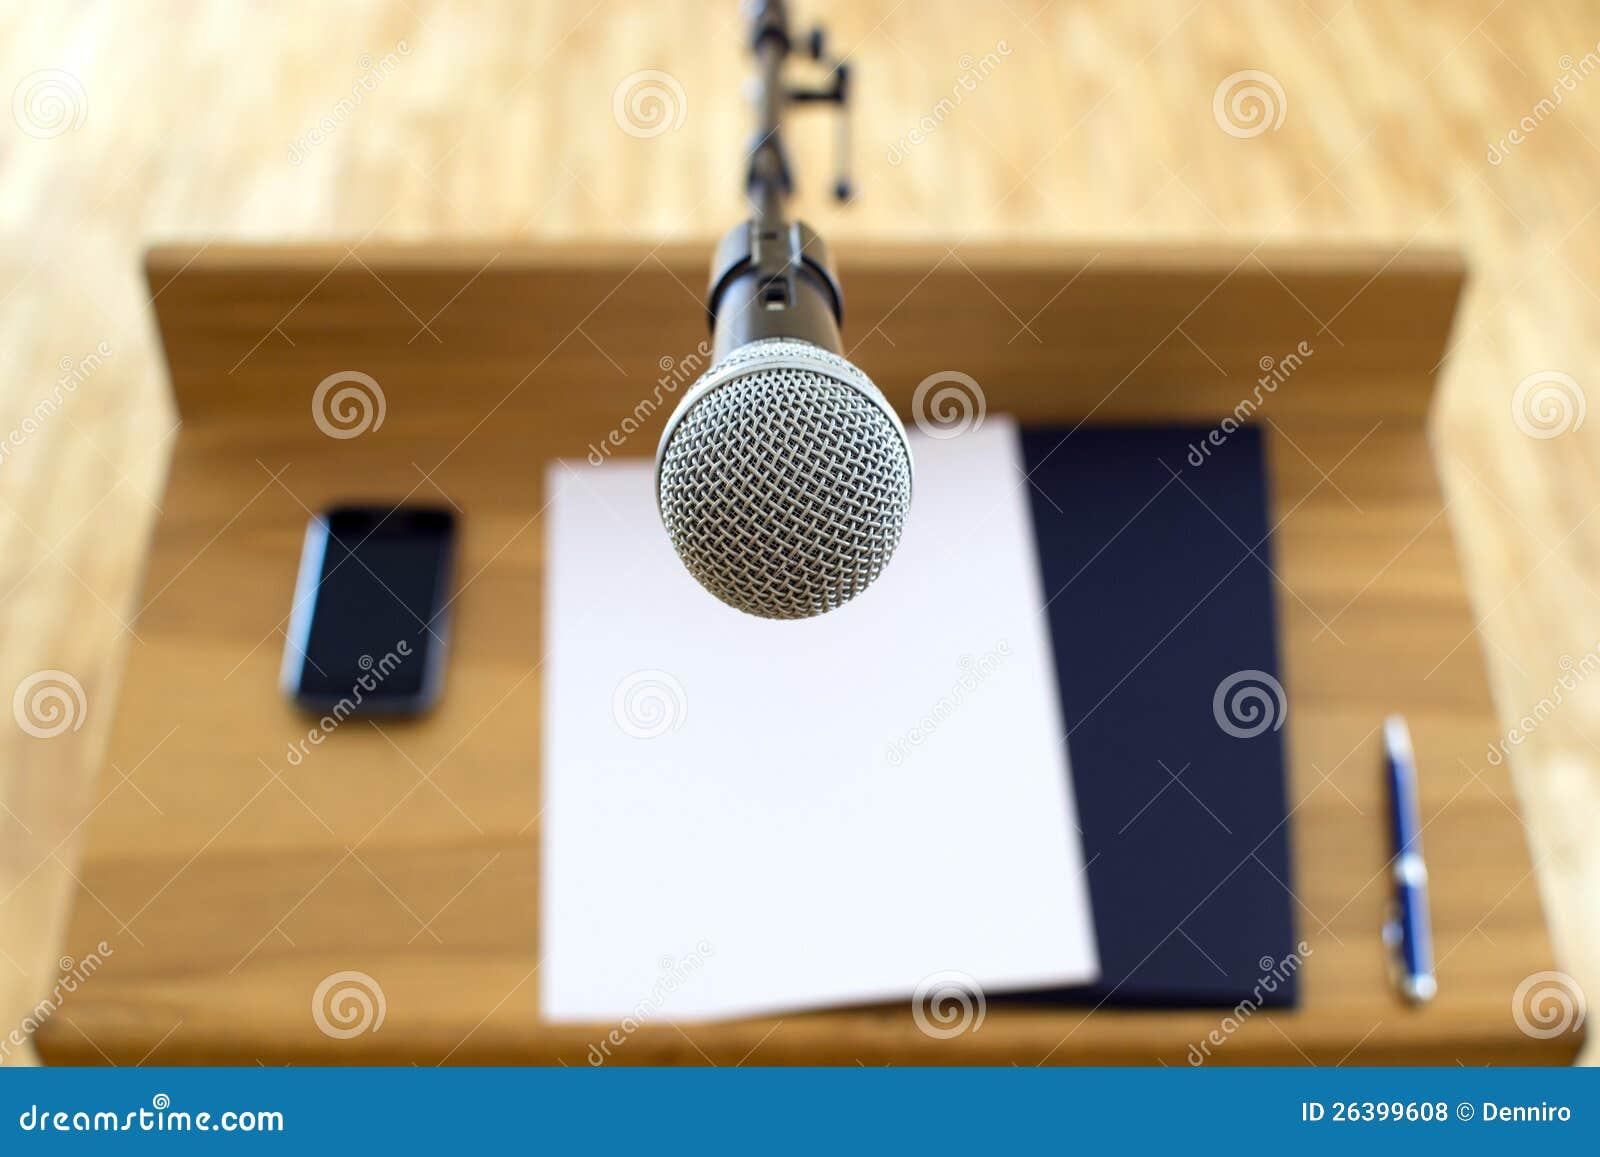 演讲在报告人前面的指挥台和话筒